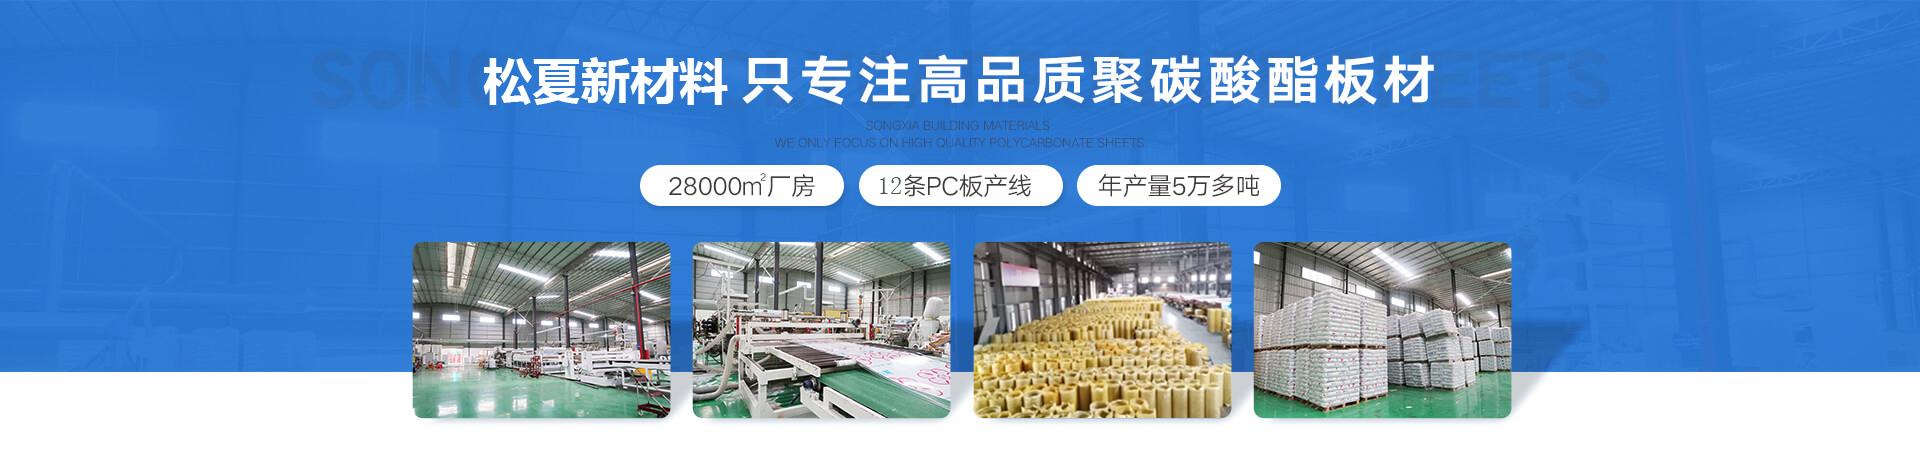 松夏建材-18年专注PC阳光板,PC耐力板的生产,是广东正宗